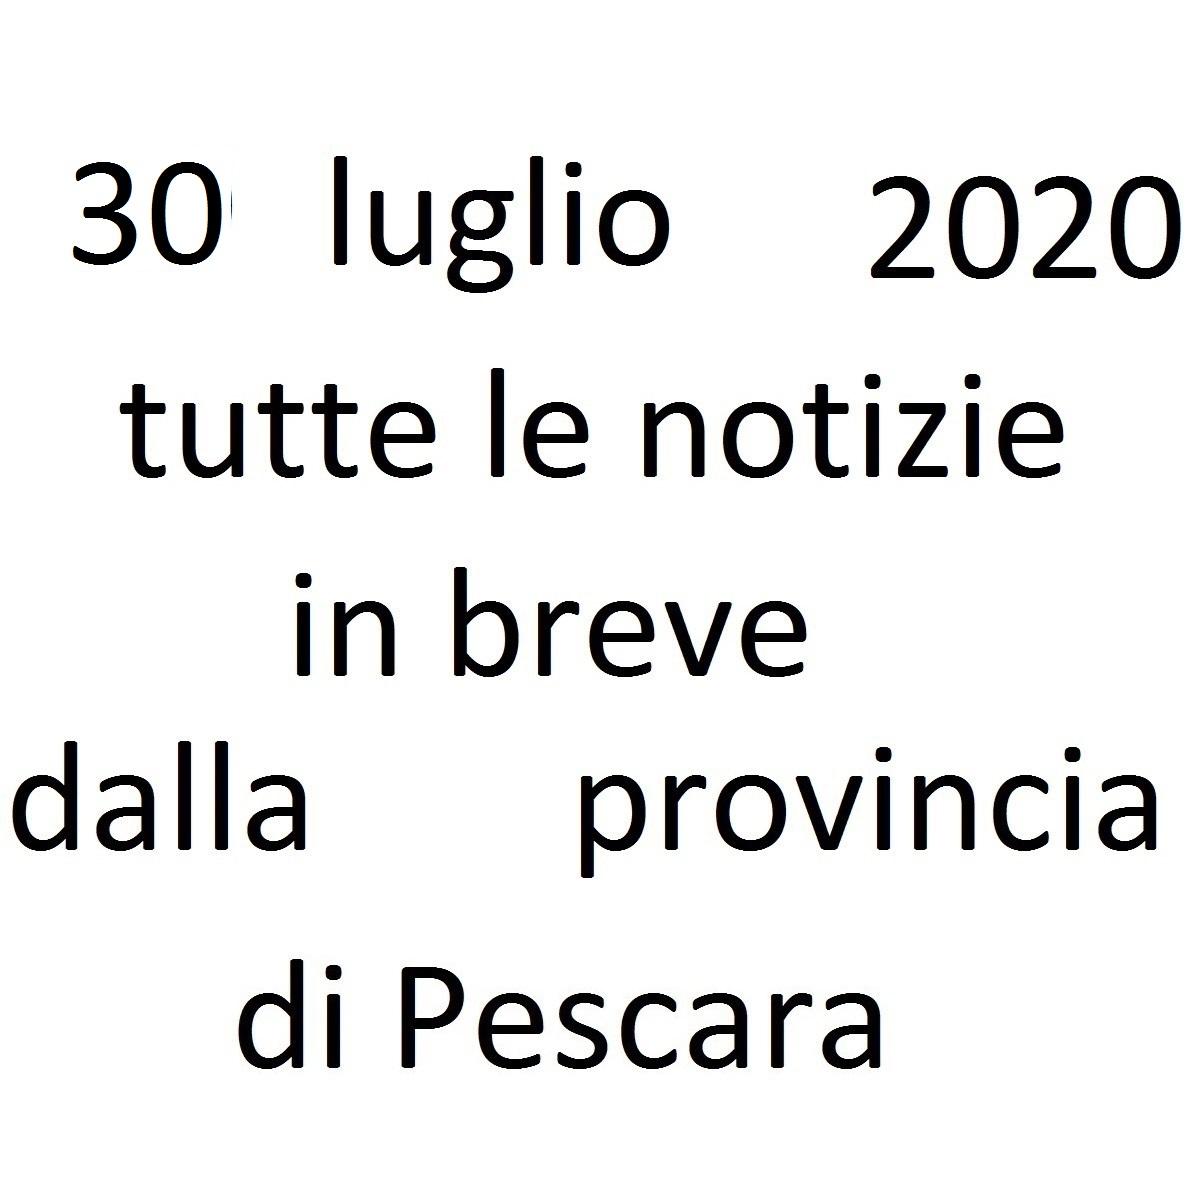 30 luglio 2020 notizie in breve dalla Provincia di Pescara foto